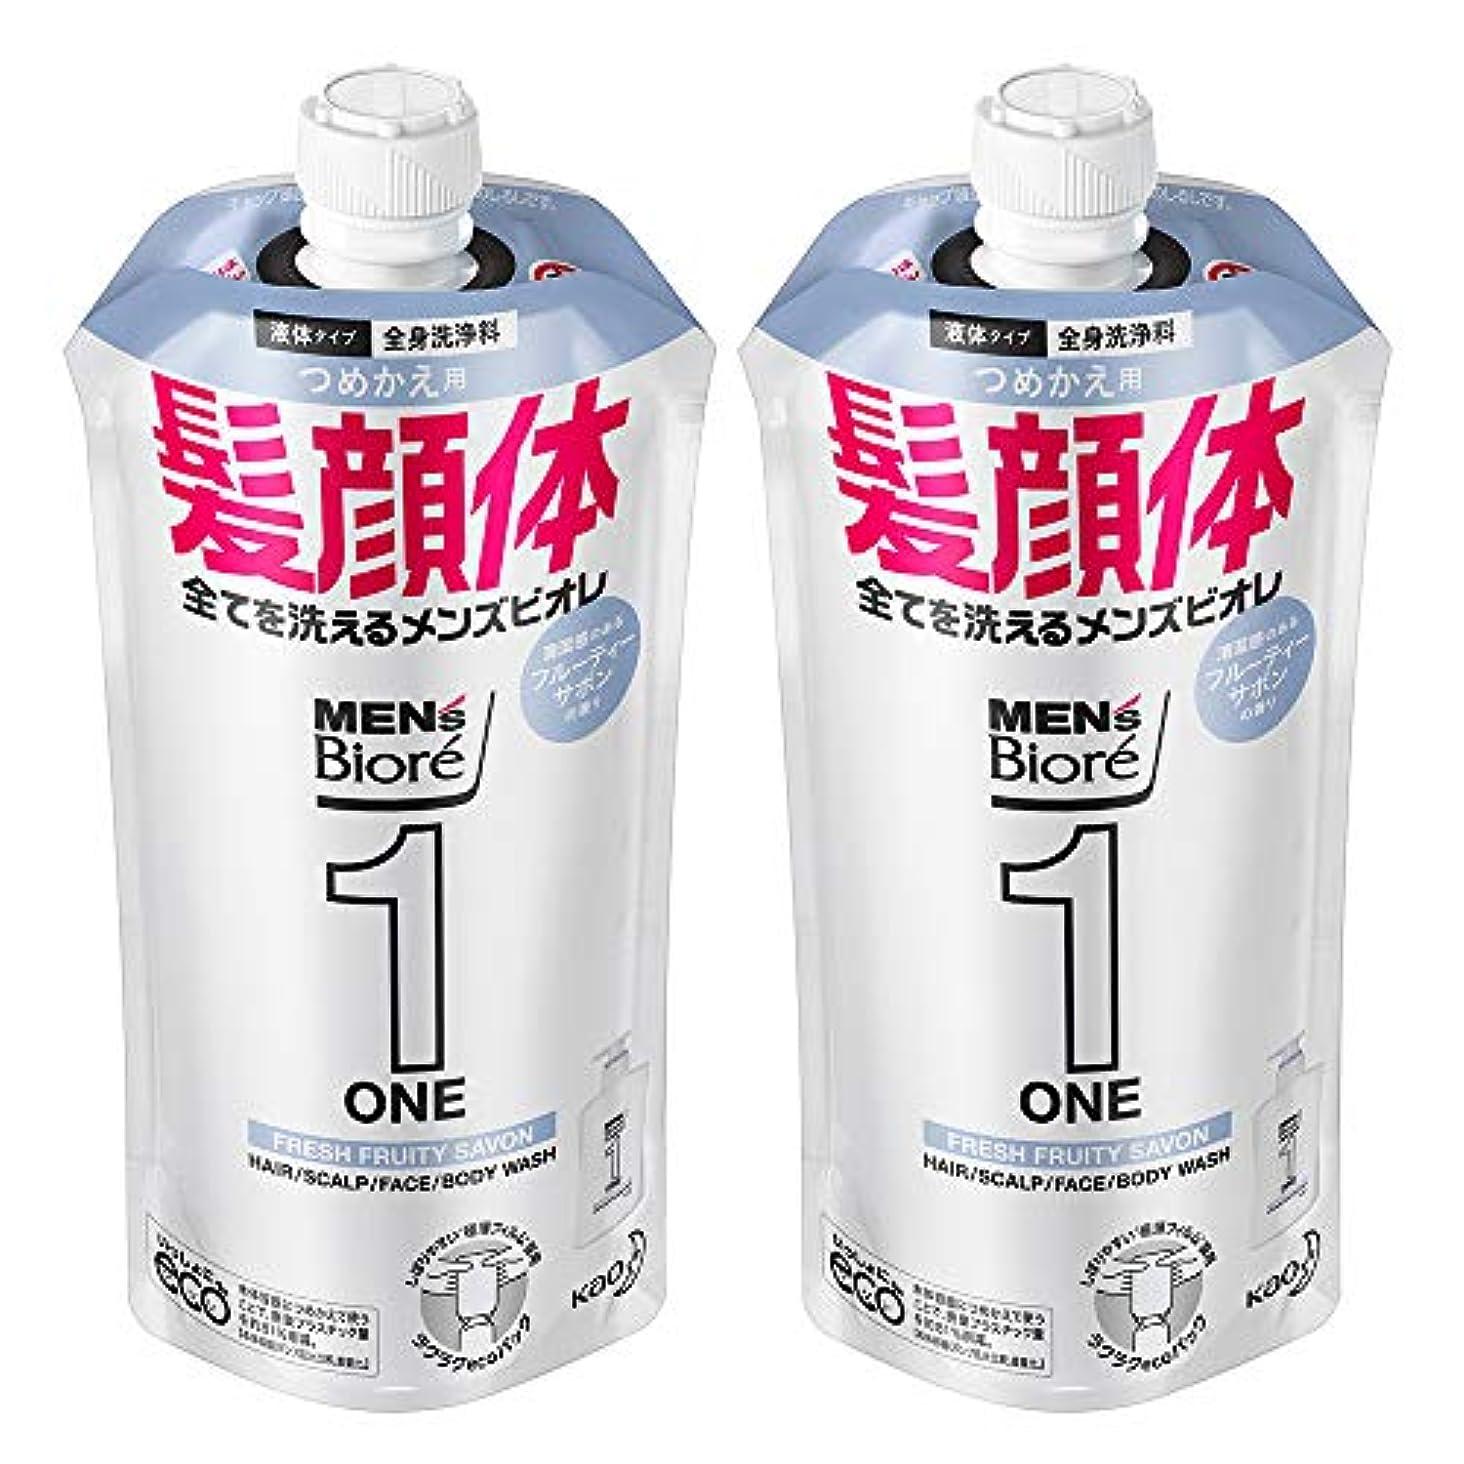 ながら知る落ち着いて【まとめ買い】メンズビオレ ONE オールインワン全身洗浄料 フルーティーサボンの香り つめかえ用 340ml×2個